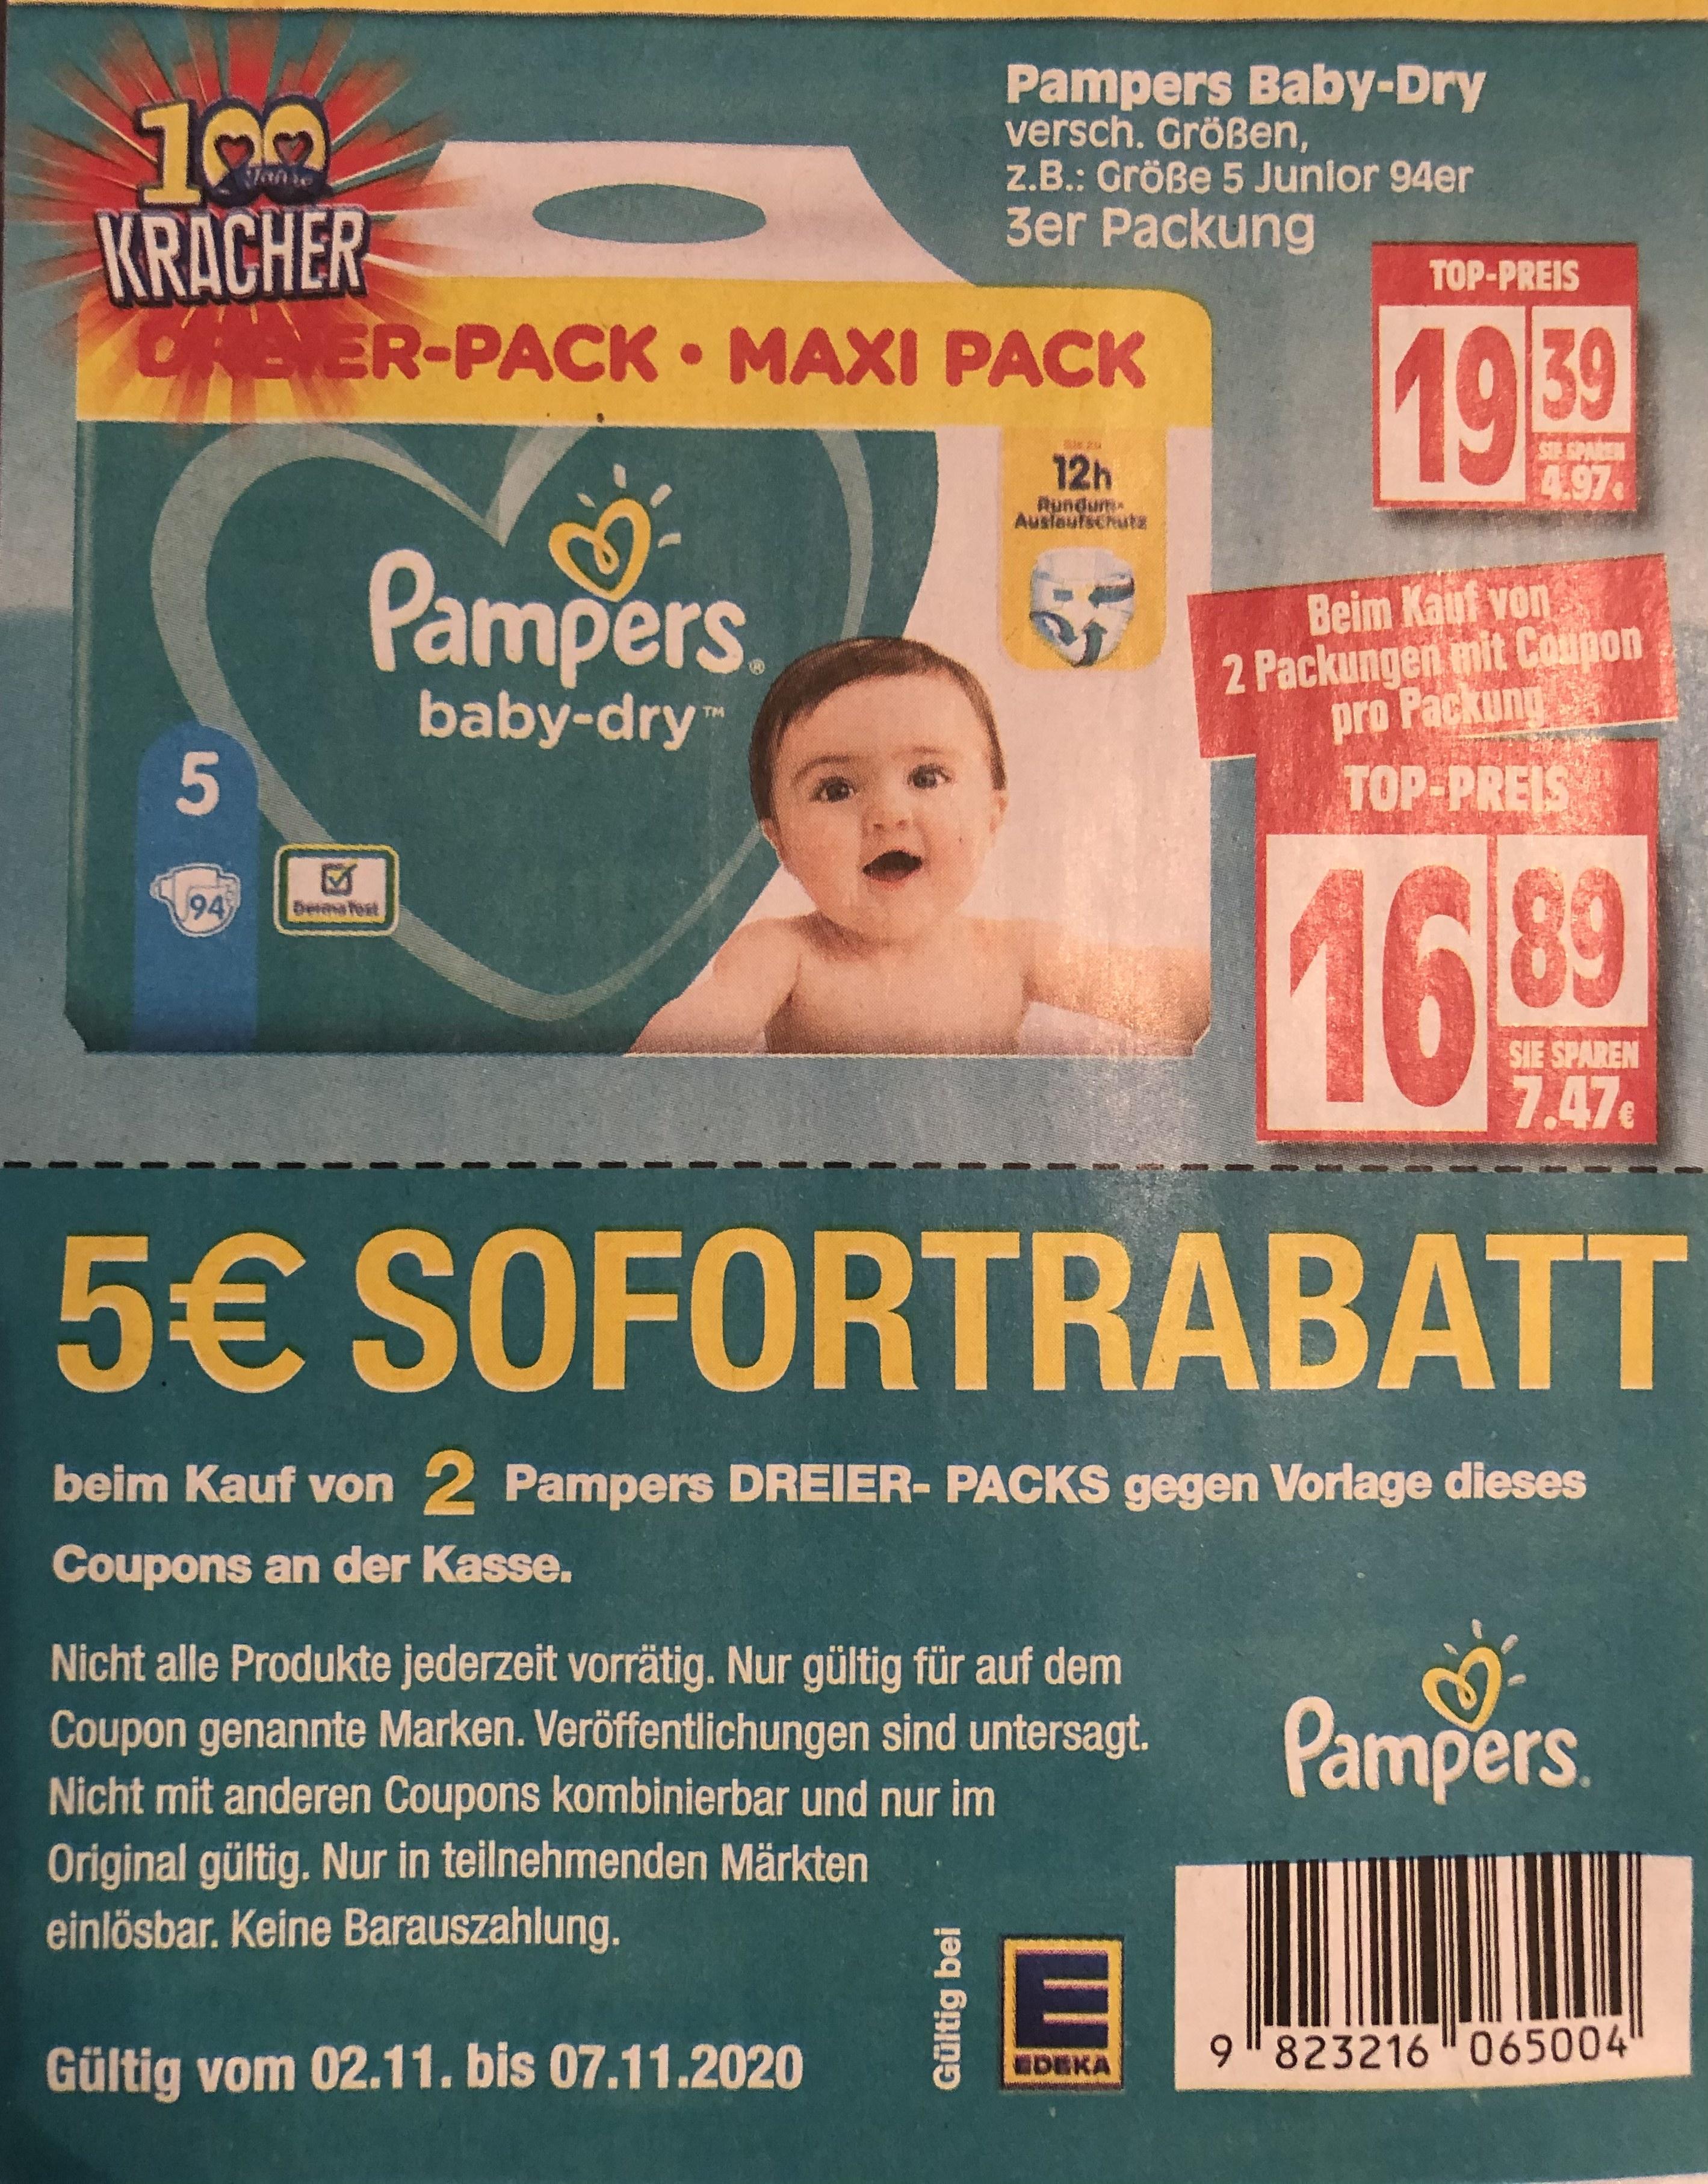 5€ Rabatt beim Kauf von 2 Pampers DREIER-PACKS